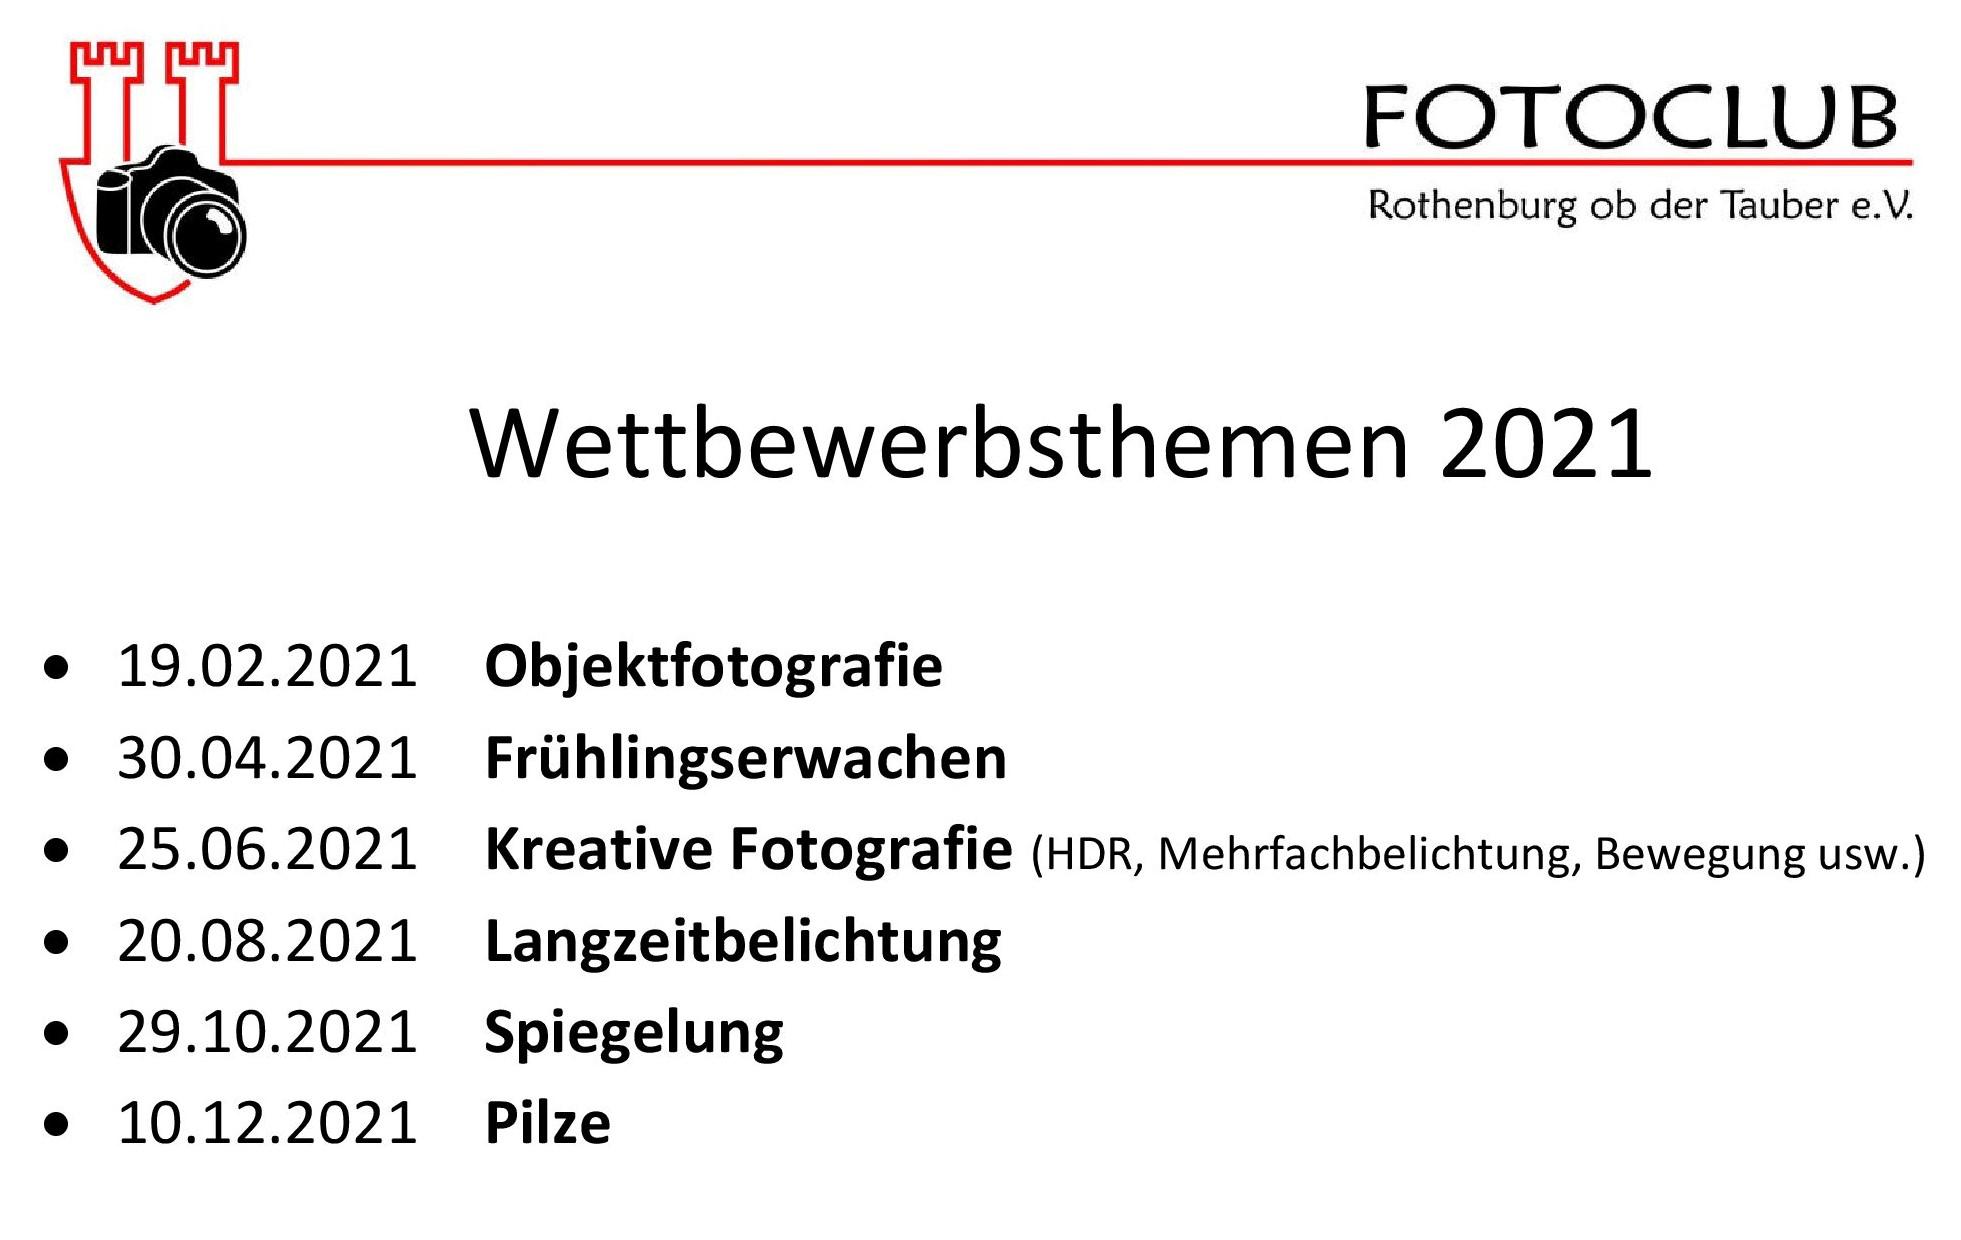 Wettbewerbsthemen 2021